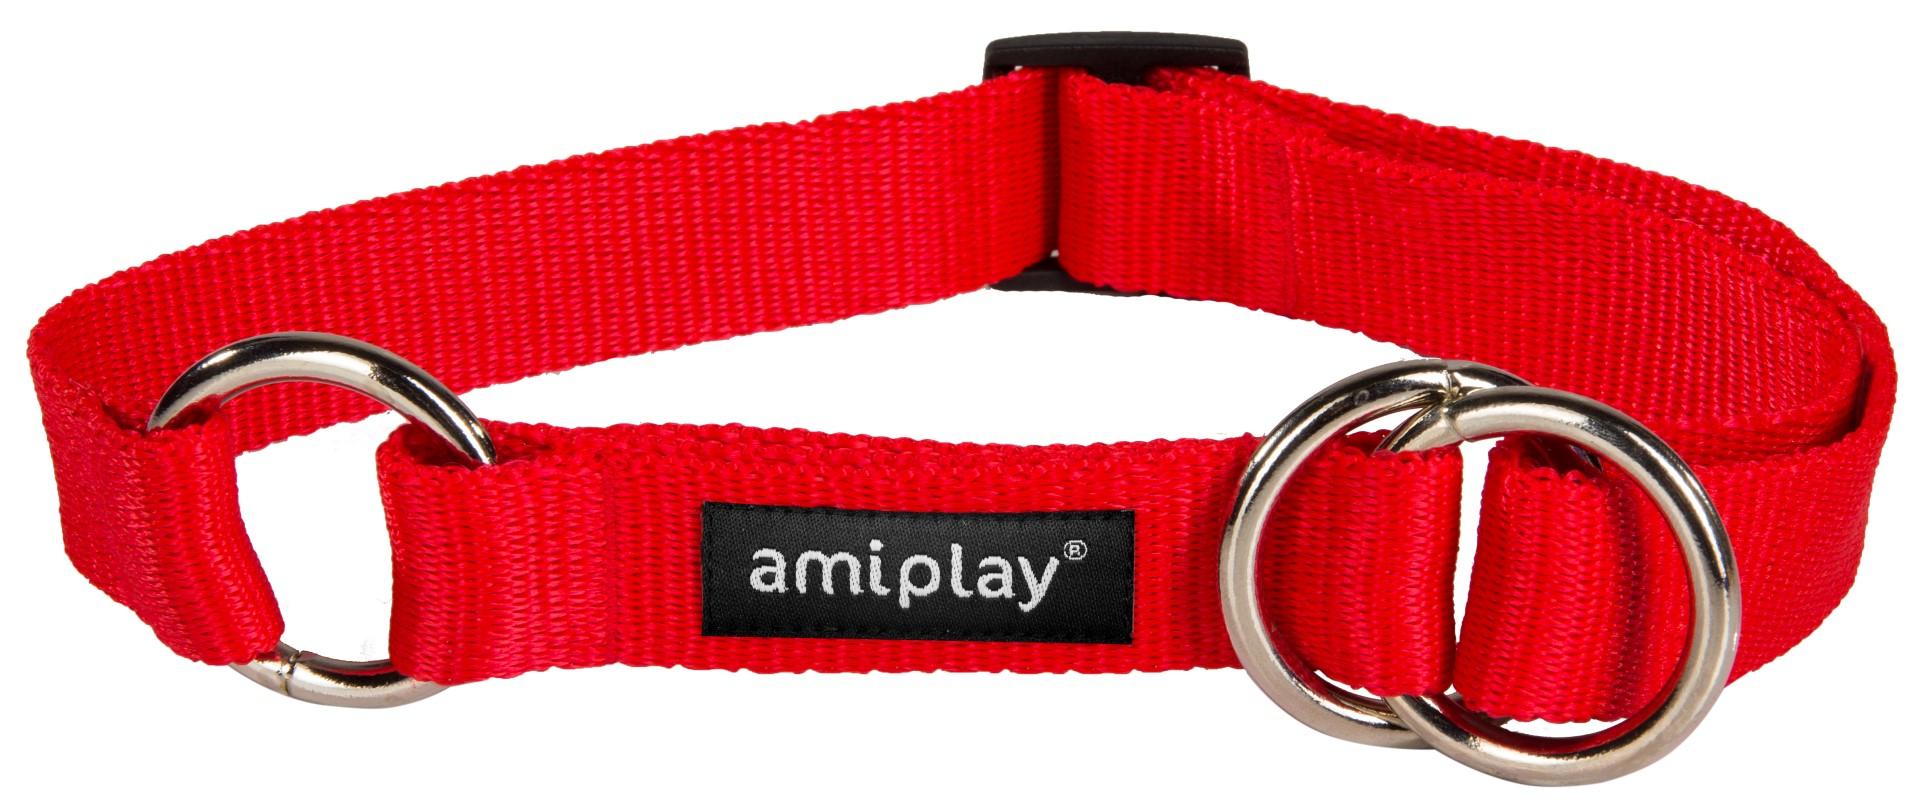 Obojek pro psa polostahovací nylonový - červený - 1 e42119a610